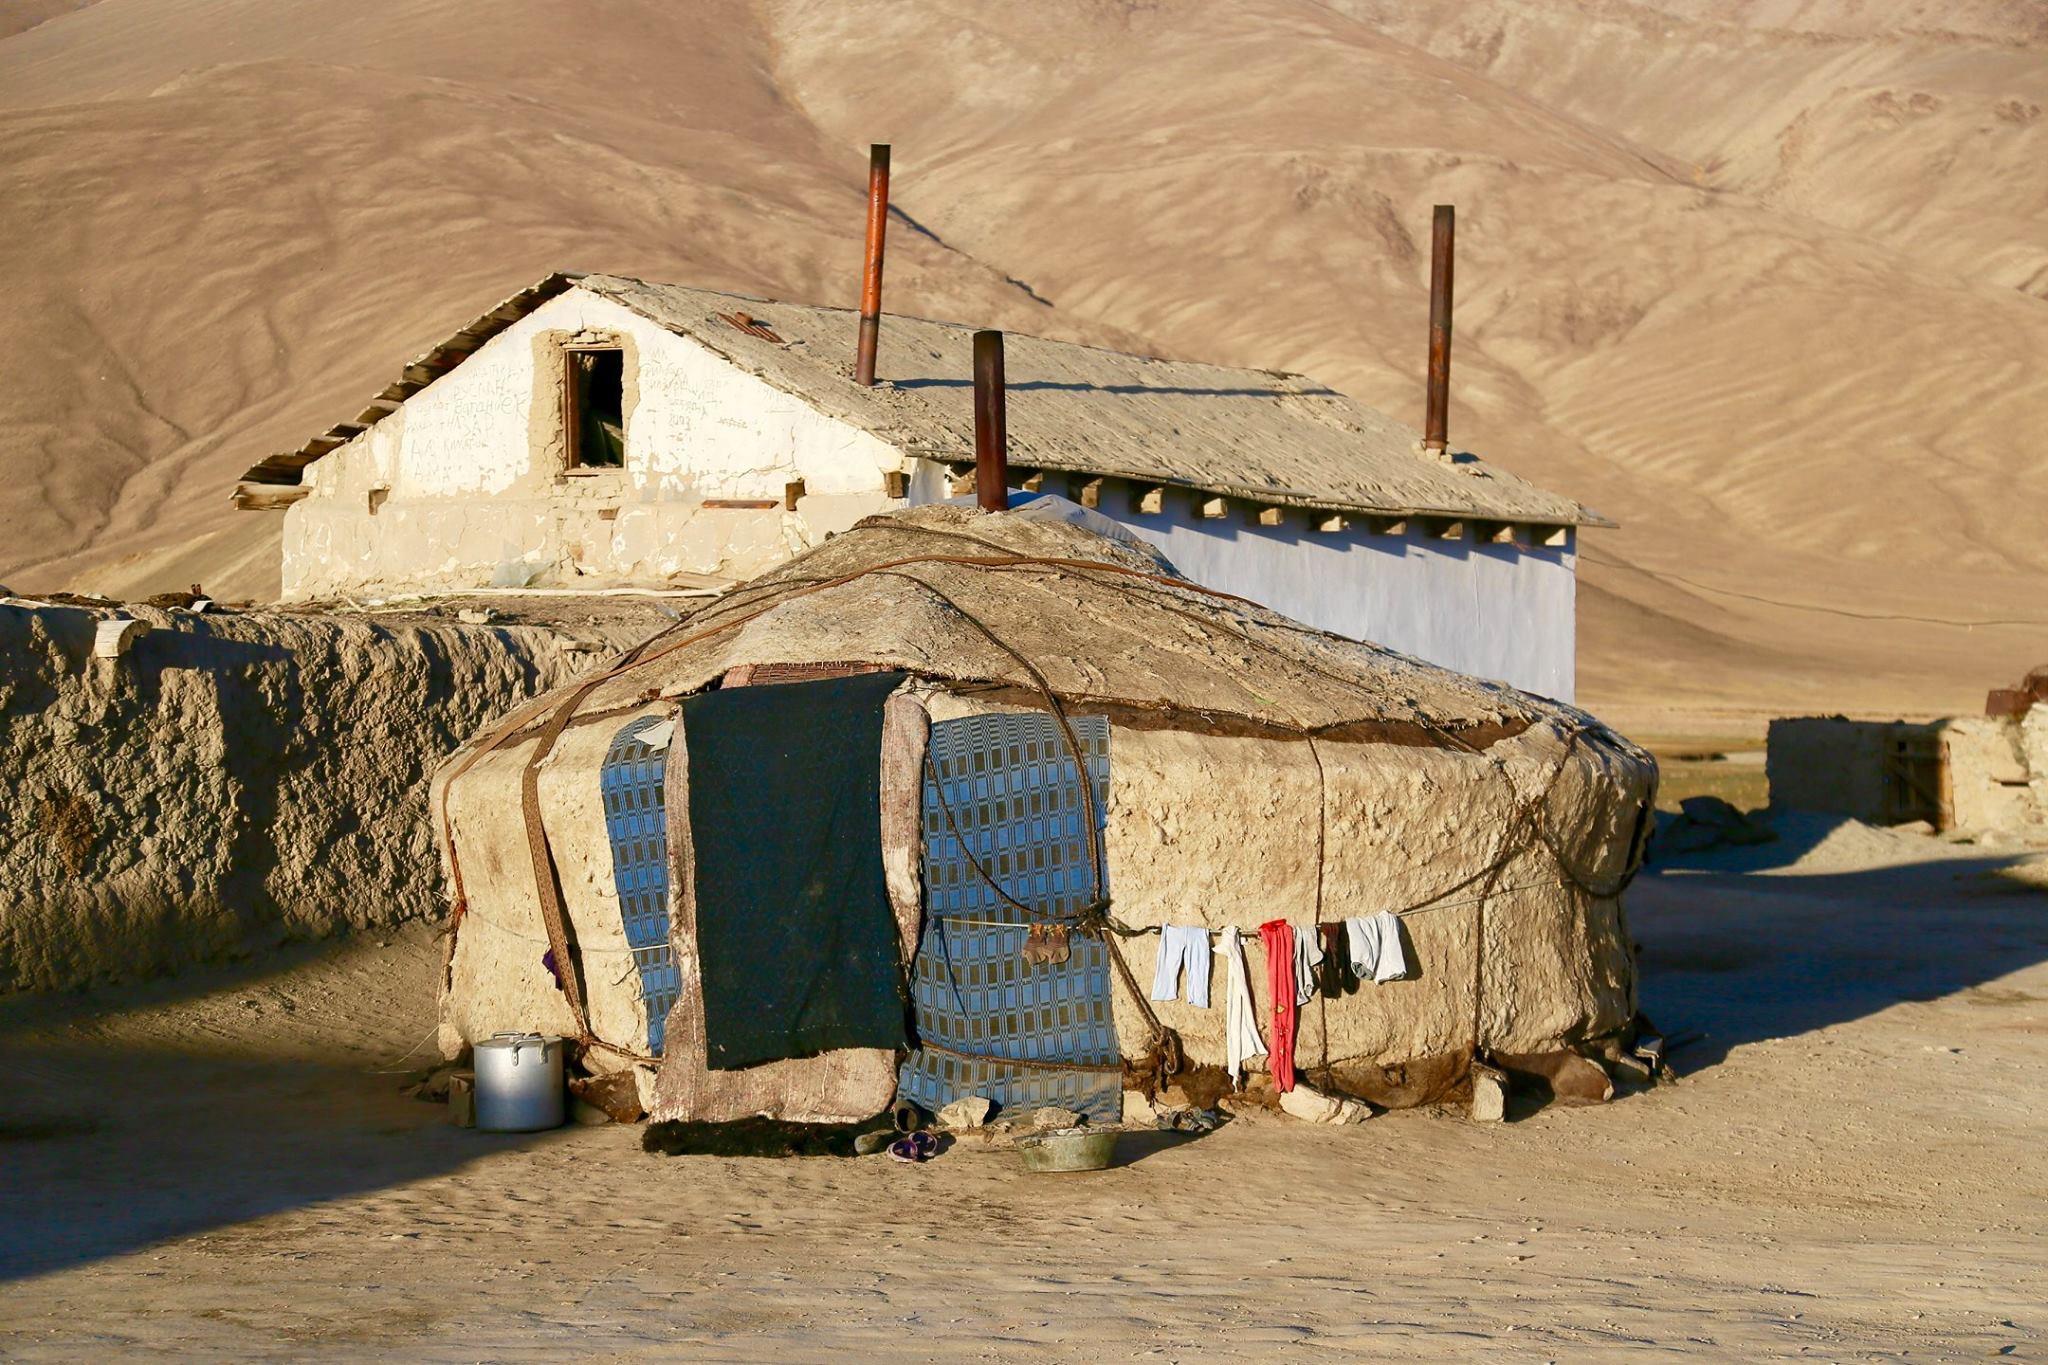 Tokius užfiksavo Mantas Afganistaną ir klajoklių genties buitį.